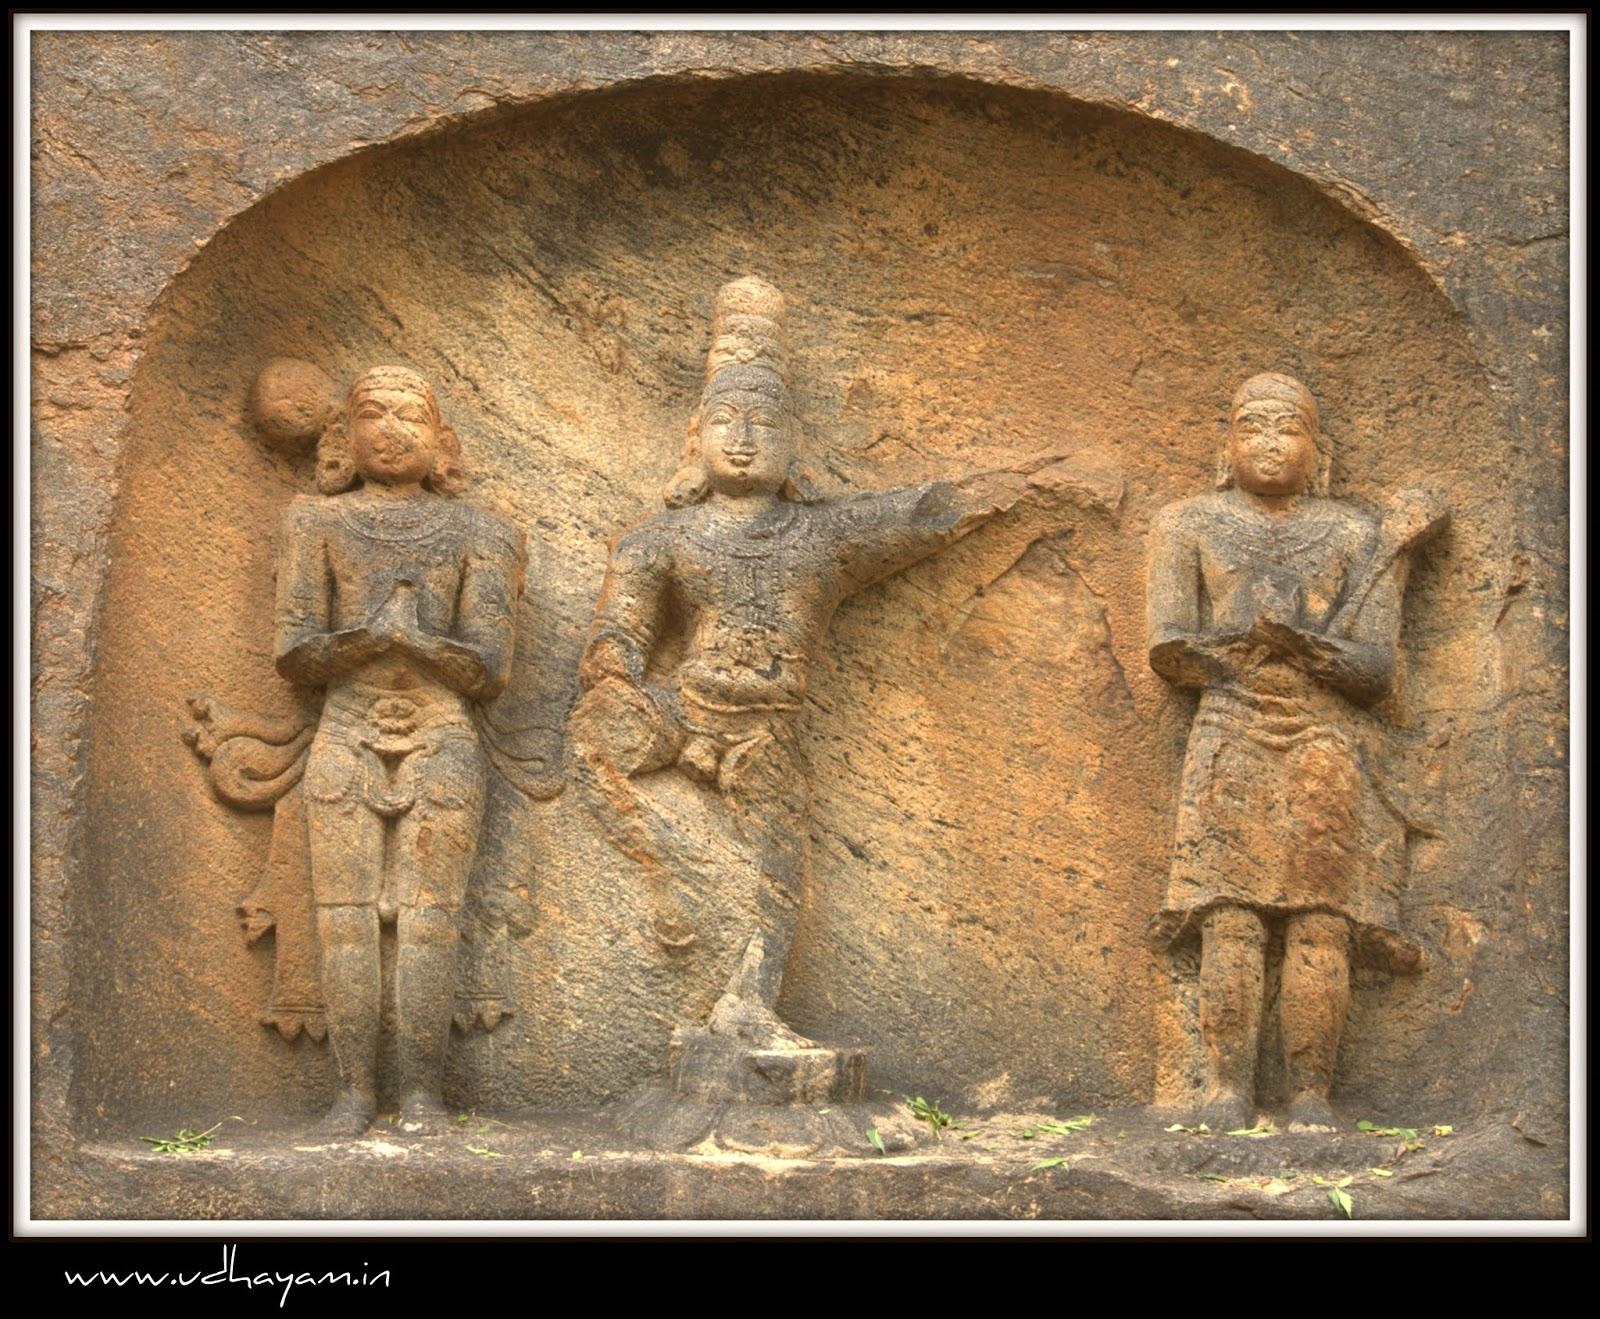 Thiruparankundram cave temple